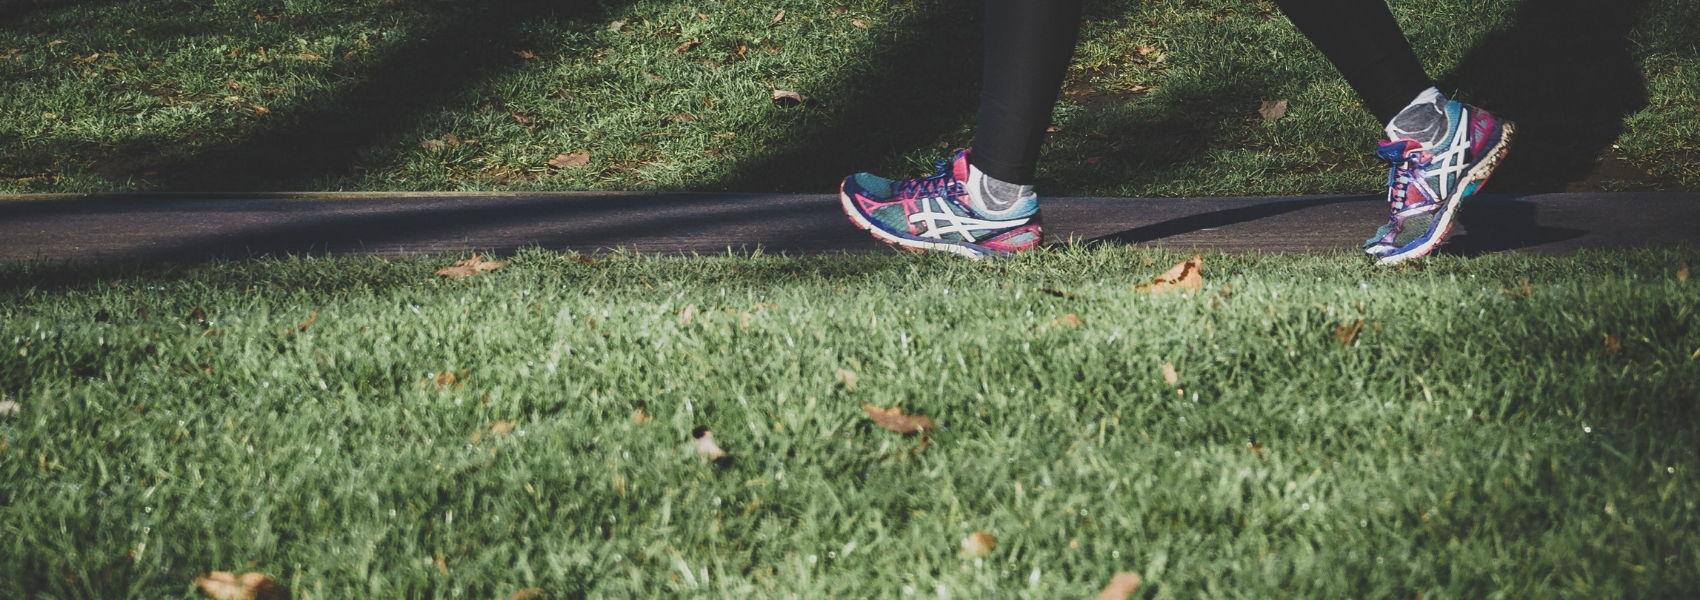 'App' que paga às pessoas para caminharem torna-as mais ativas fisicamente